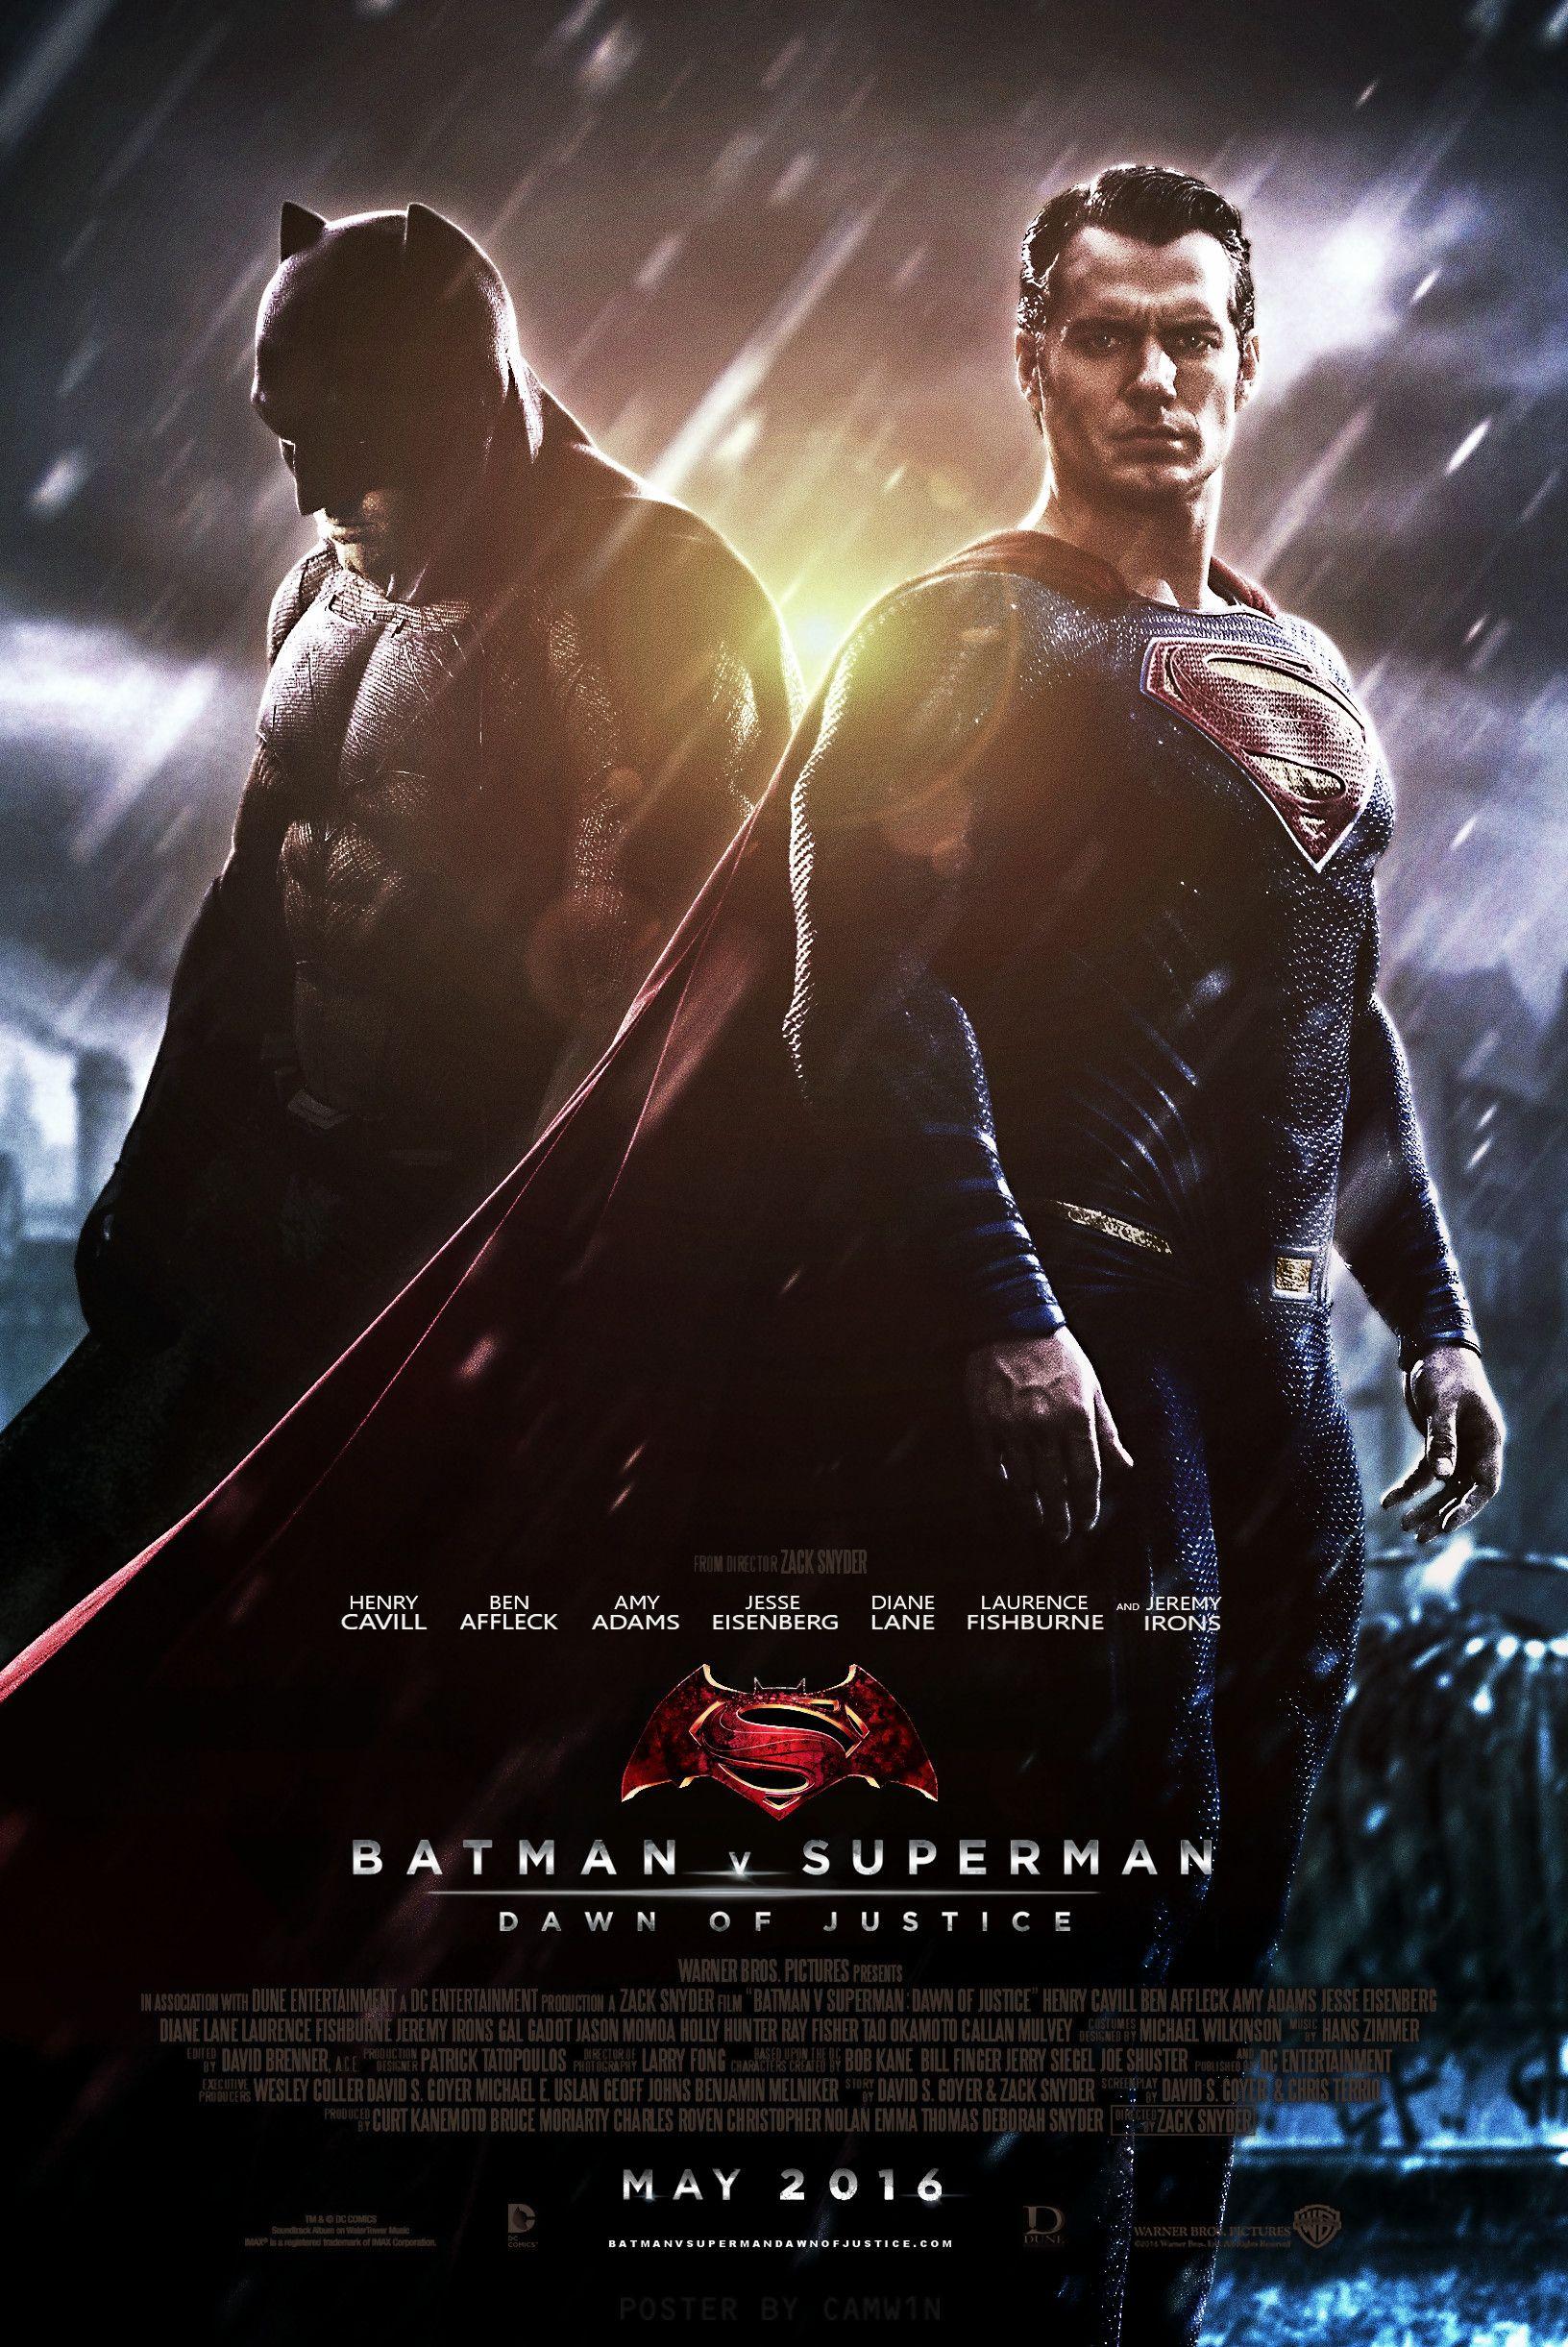 Batman Vs Superman L'aube De La Justice : batman, superman, l'aube, justice, Épinglé, Films, Batman, Contre, Superman,, Superman